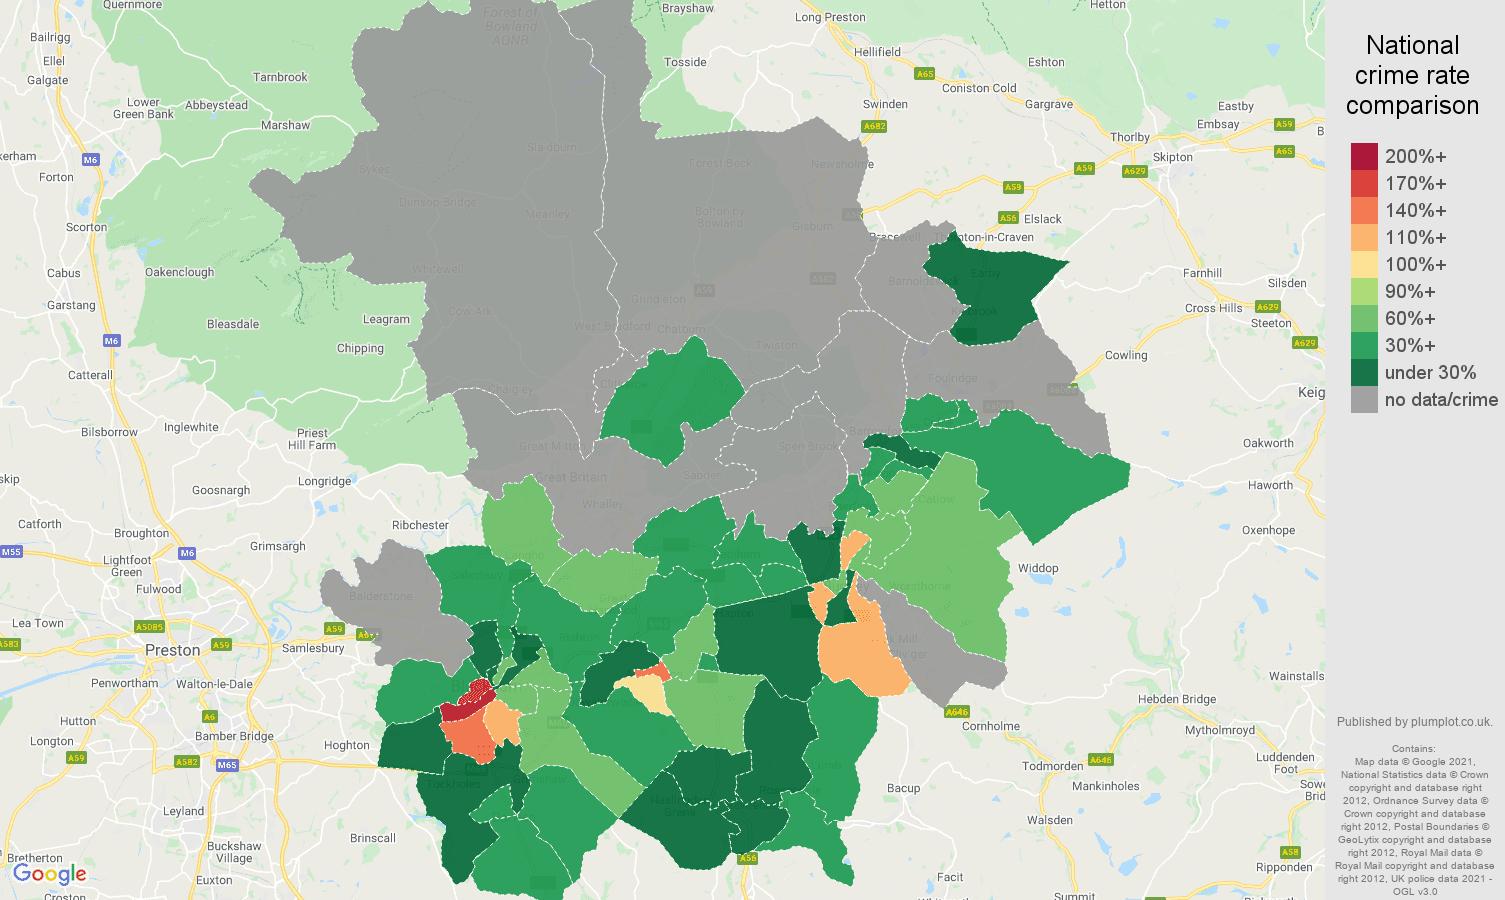 Blackburn robbery crime rate comparison map